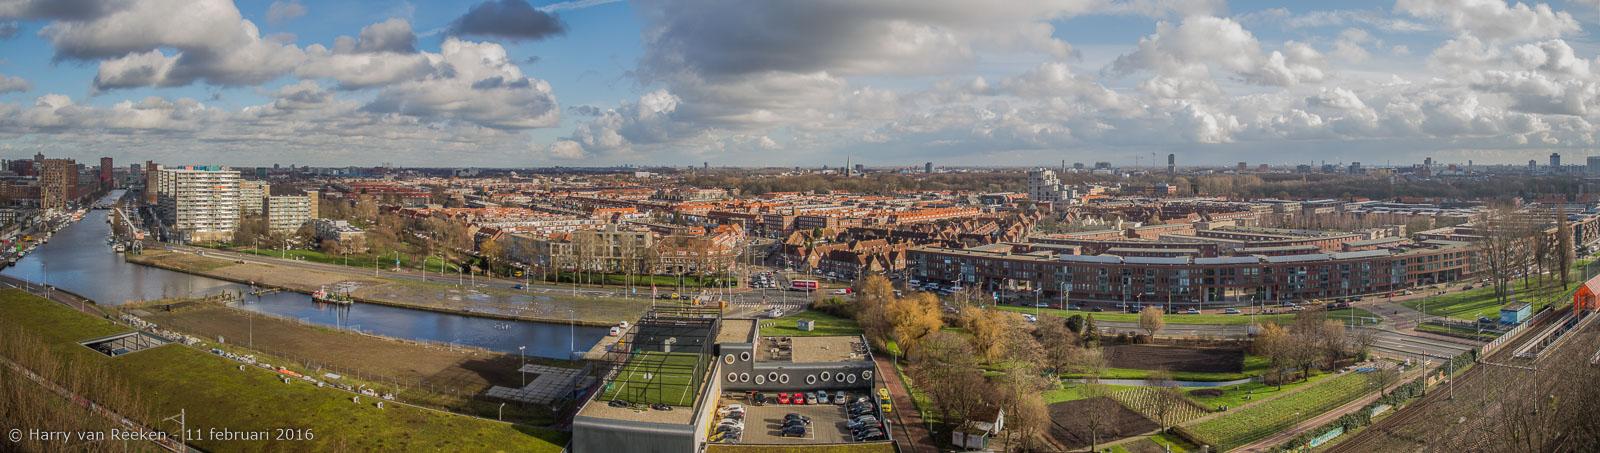 Spoorwijk-Laakkwartier pan-1